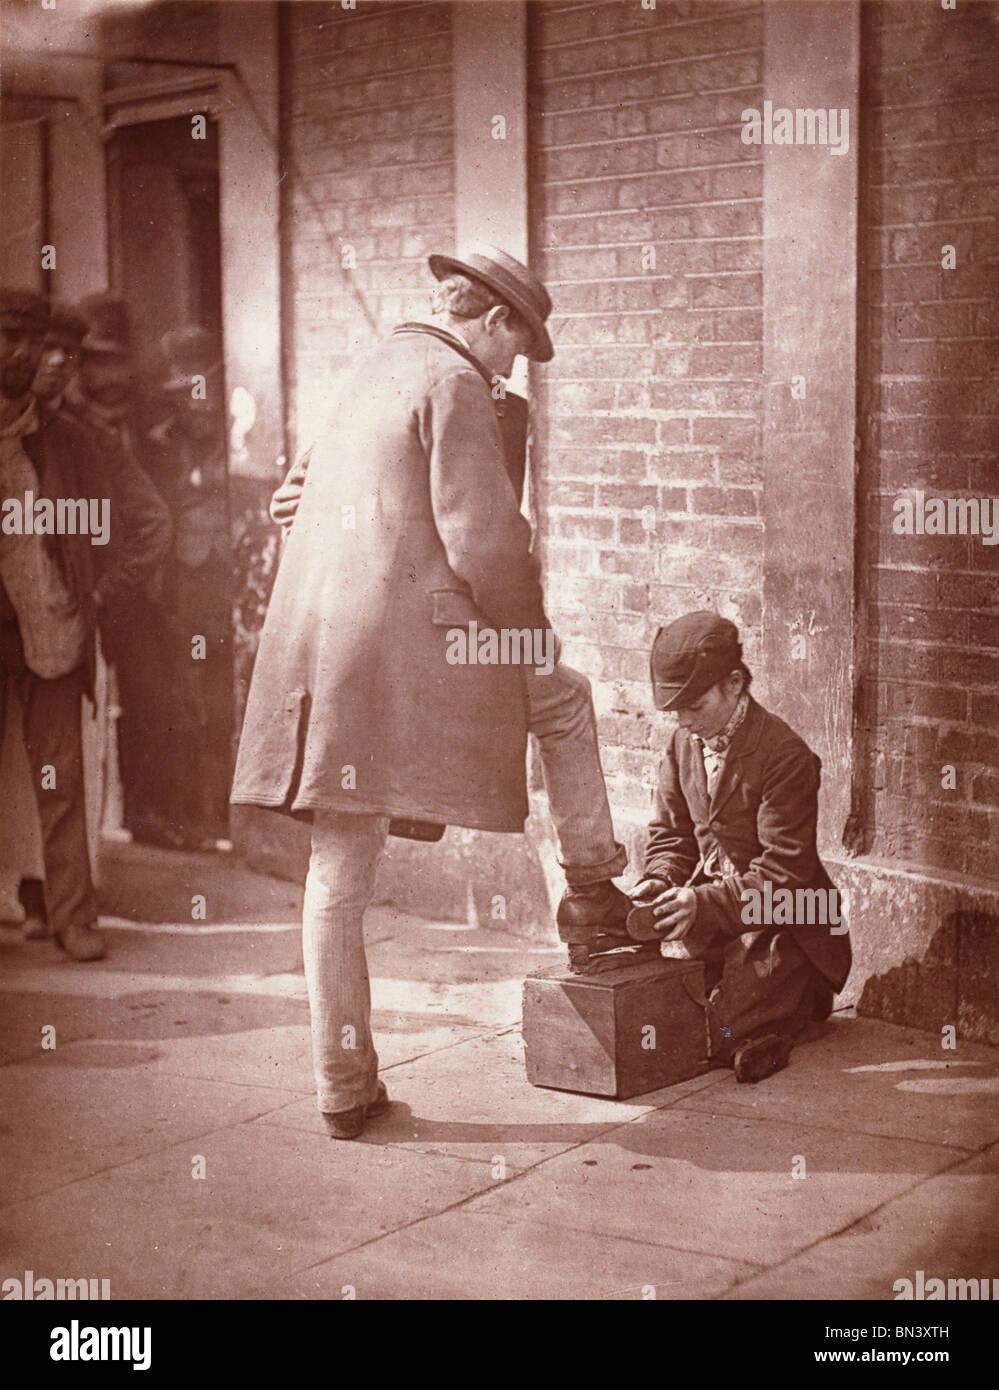 Die dramatische Schuh-schwarz, von John Thomson. London, England, Ende 19. Jh. Stockfoto